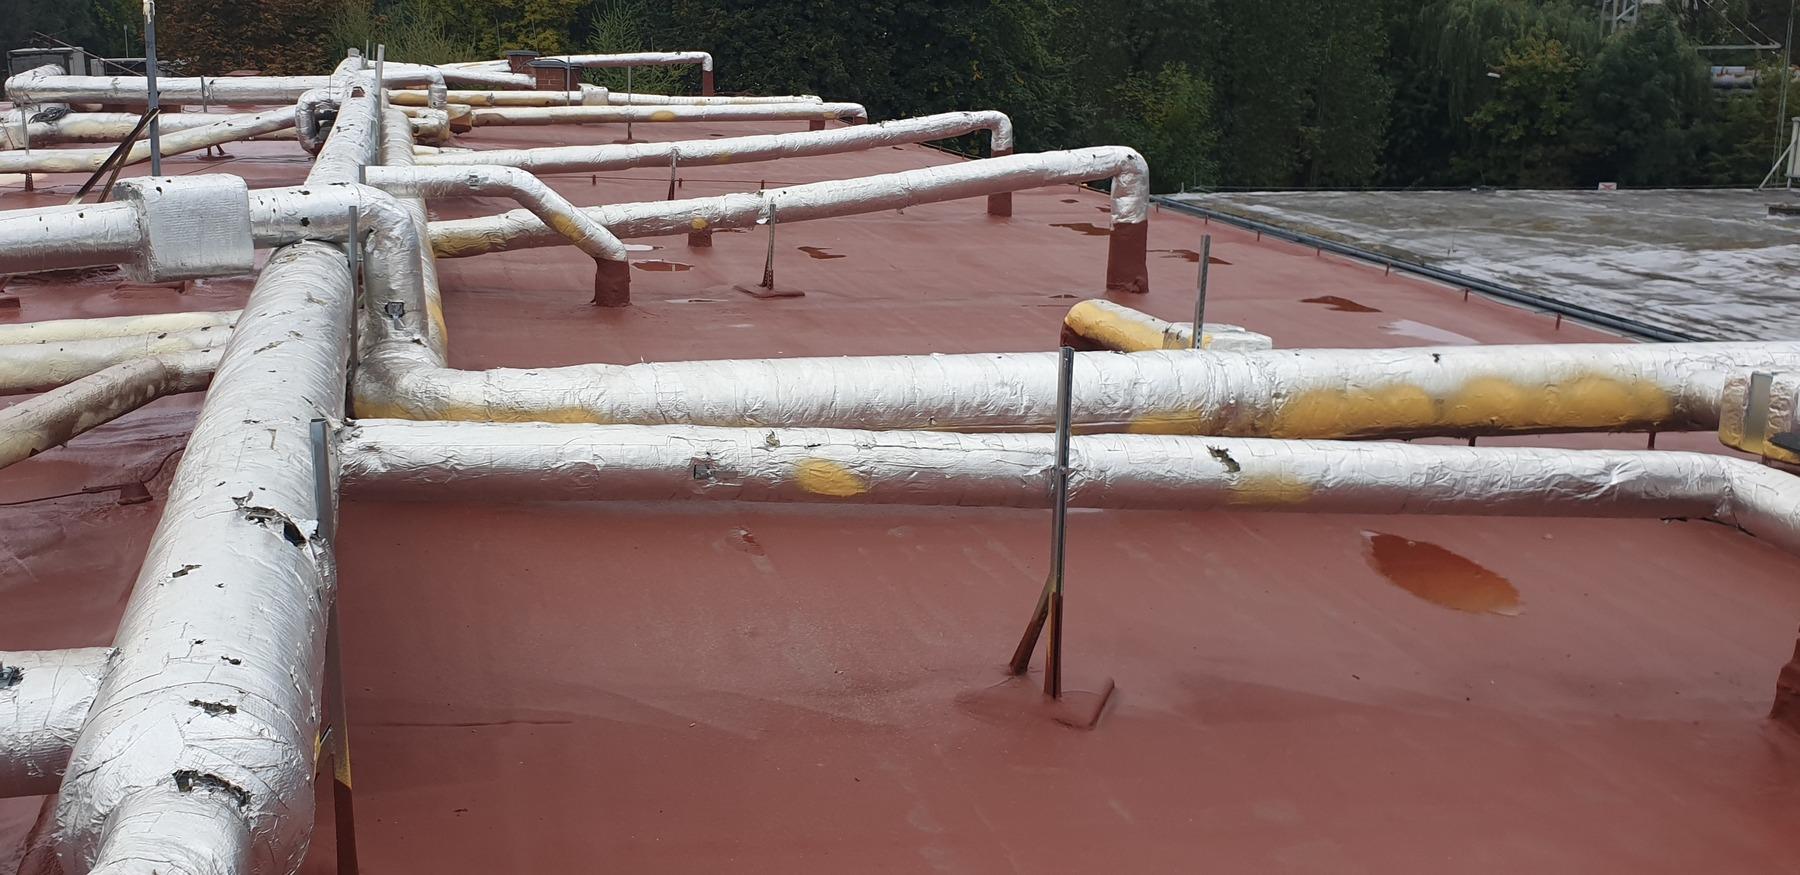 Hydroizolacja dachu płaskiego pianą poliuretanową